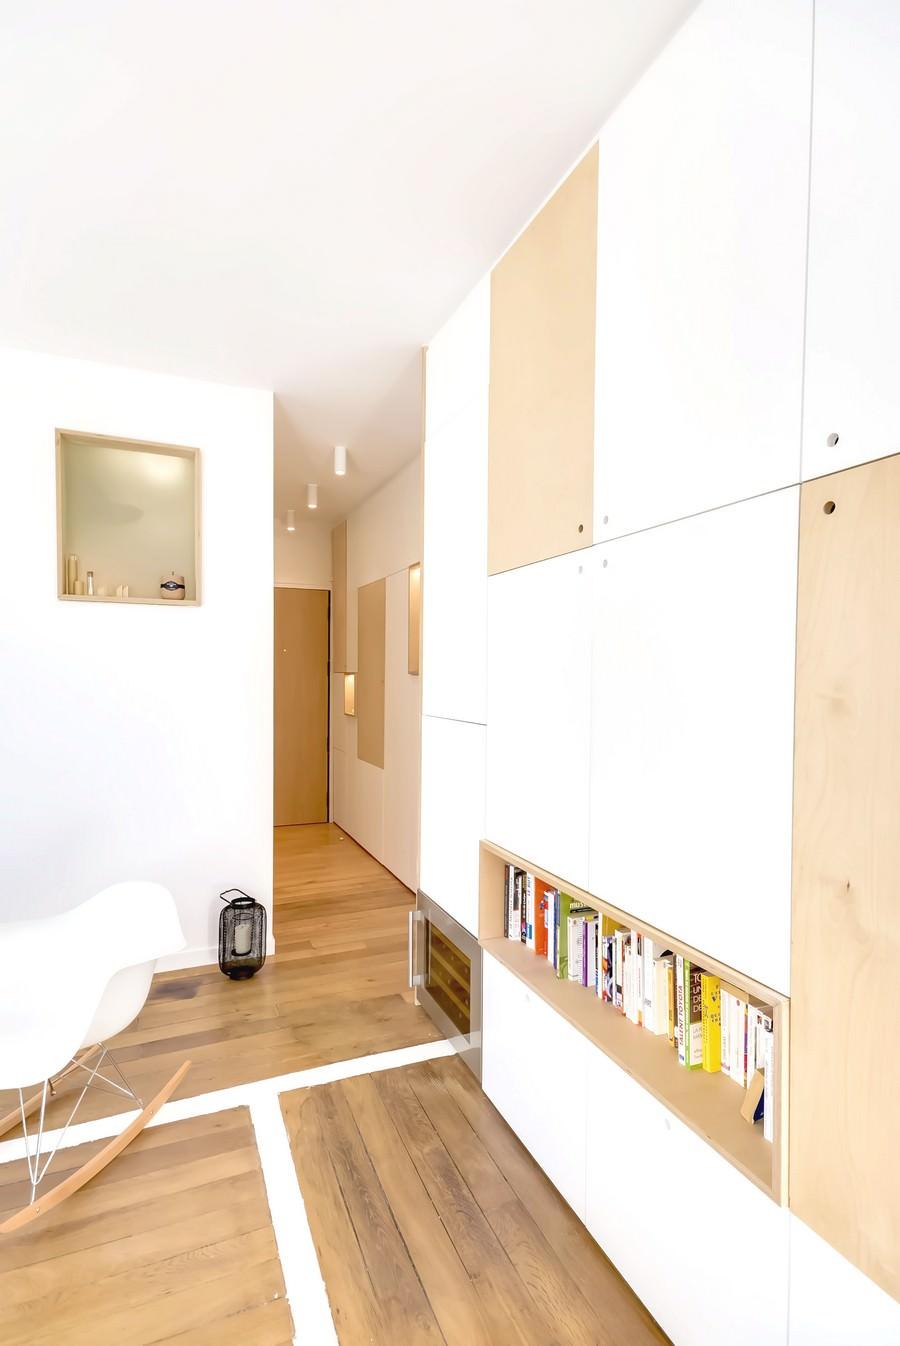 malak-semeen-apartament-v-parij-ot-richard-guilbault-8g